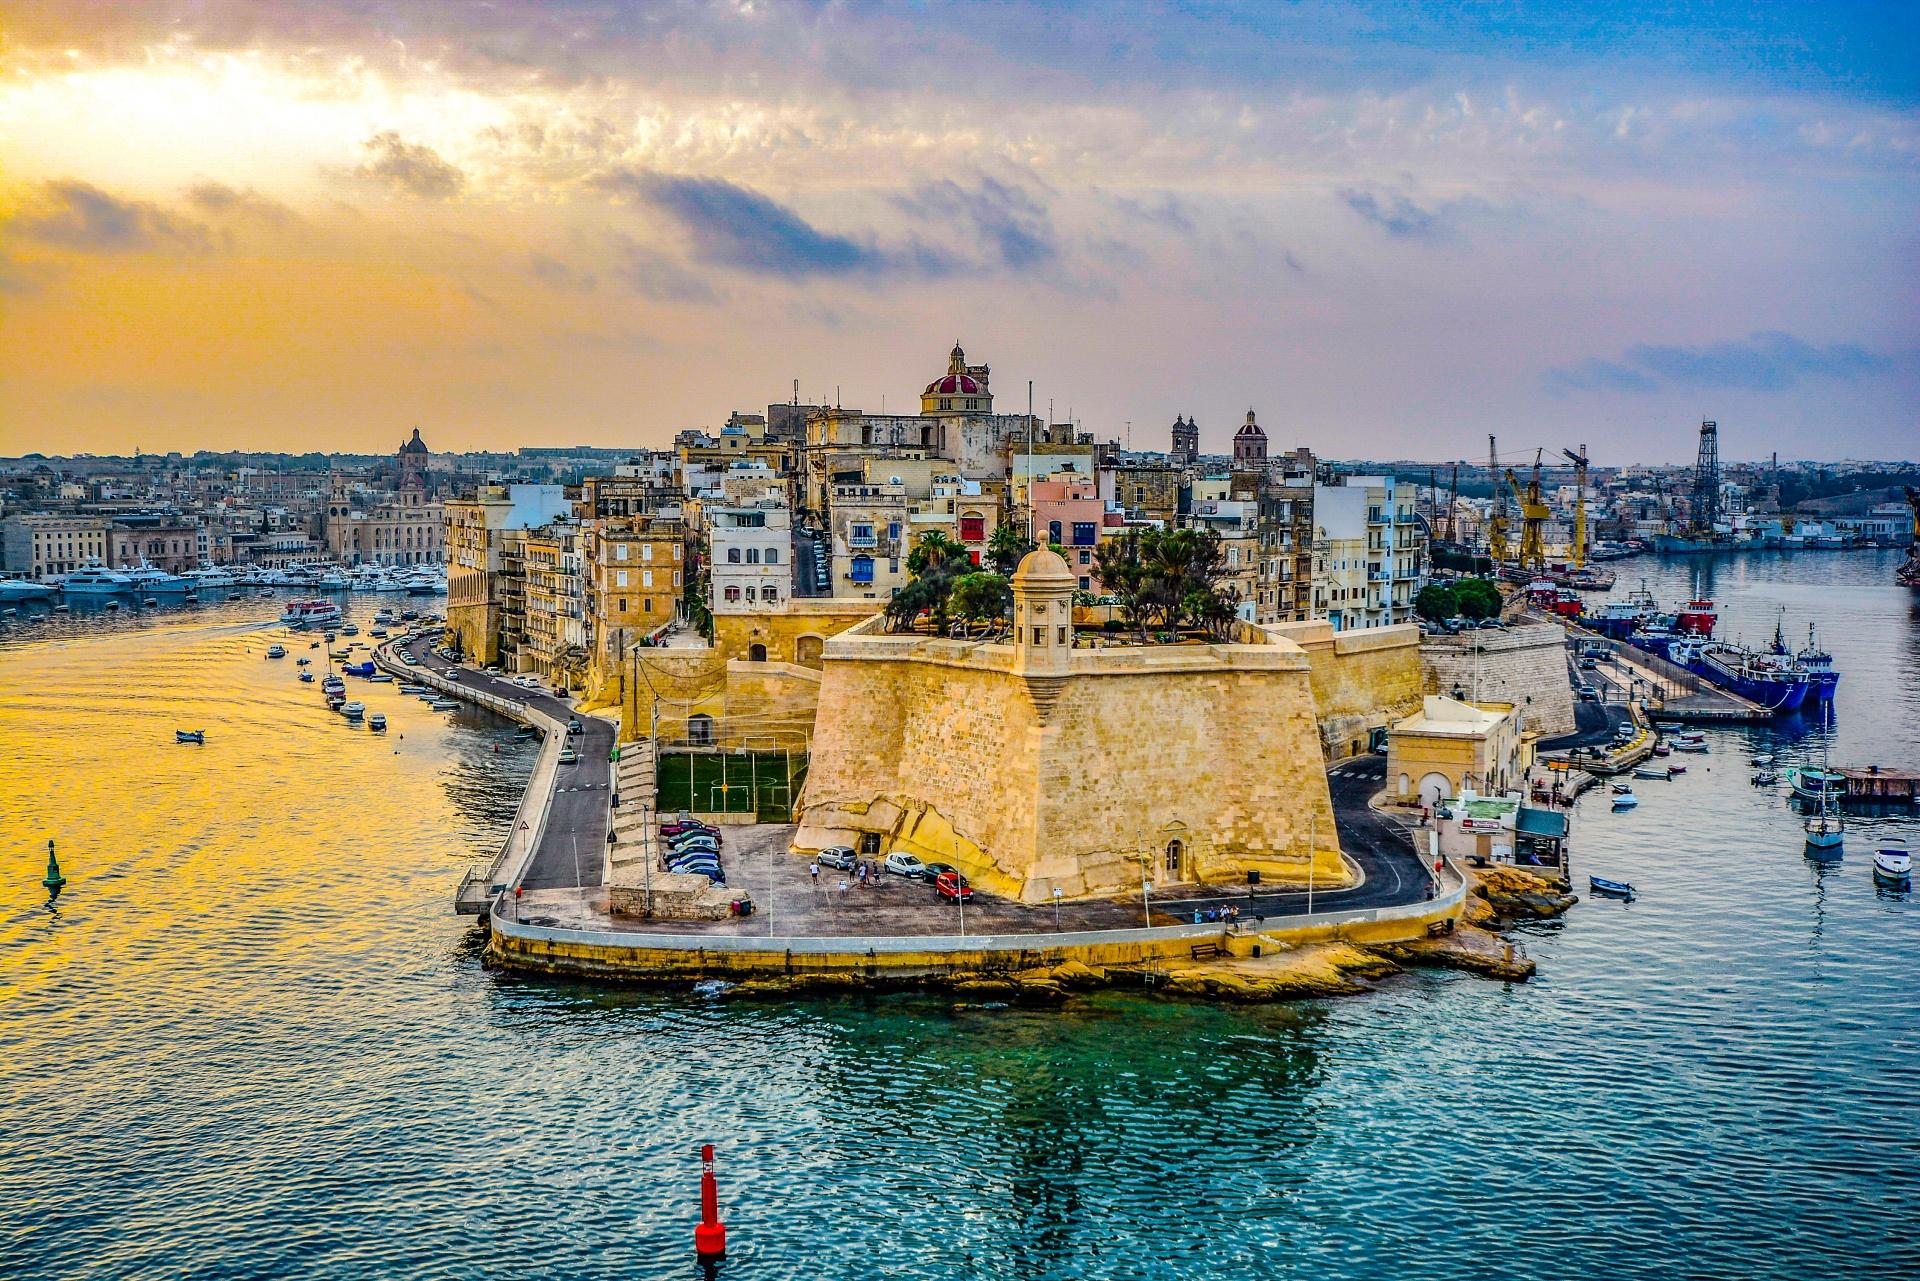 Intercâmbio em Malta: 6 motivos para estudar por lá